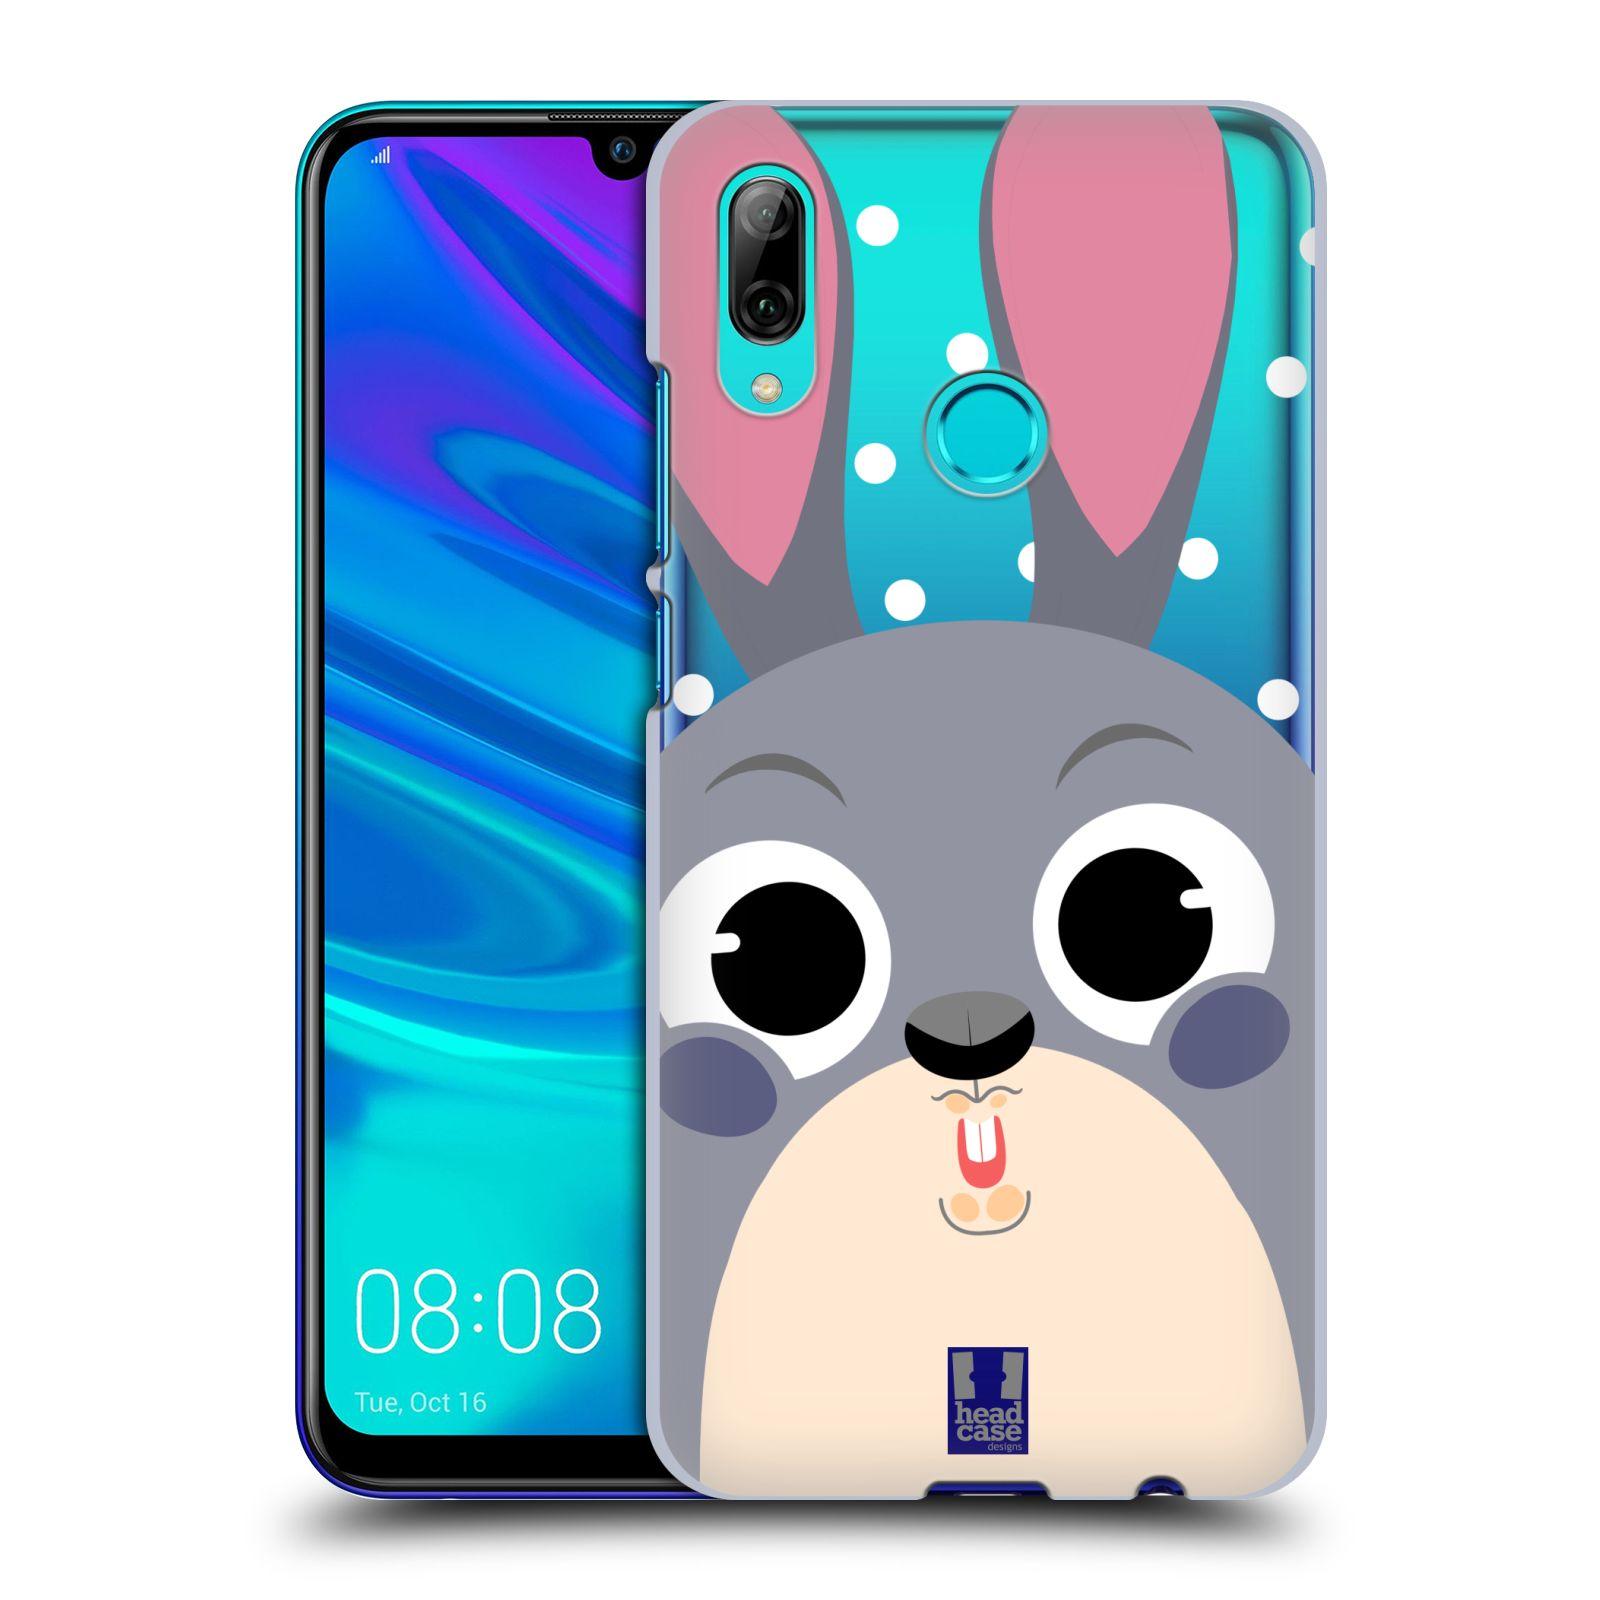 Plastové pouzdro na mobil Huawei P Smart (2019) - Head Case - Králíček roztomilouš